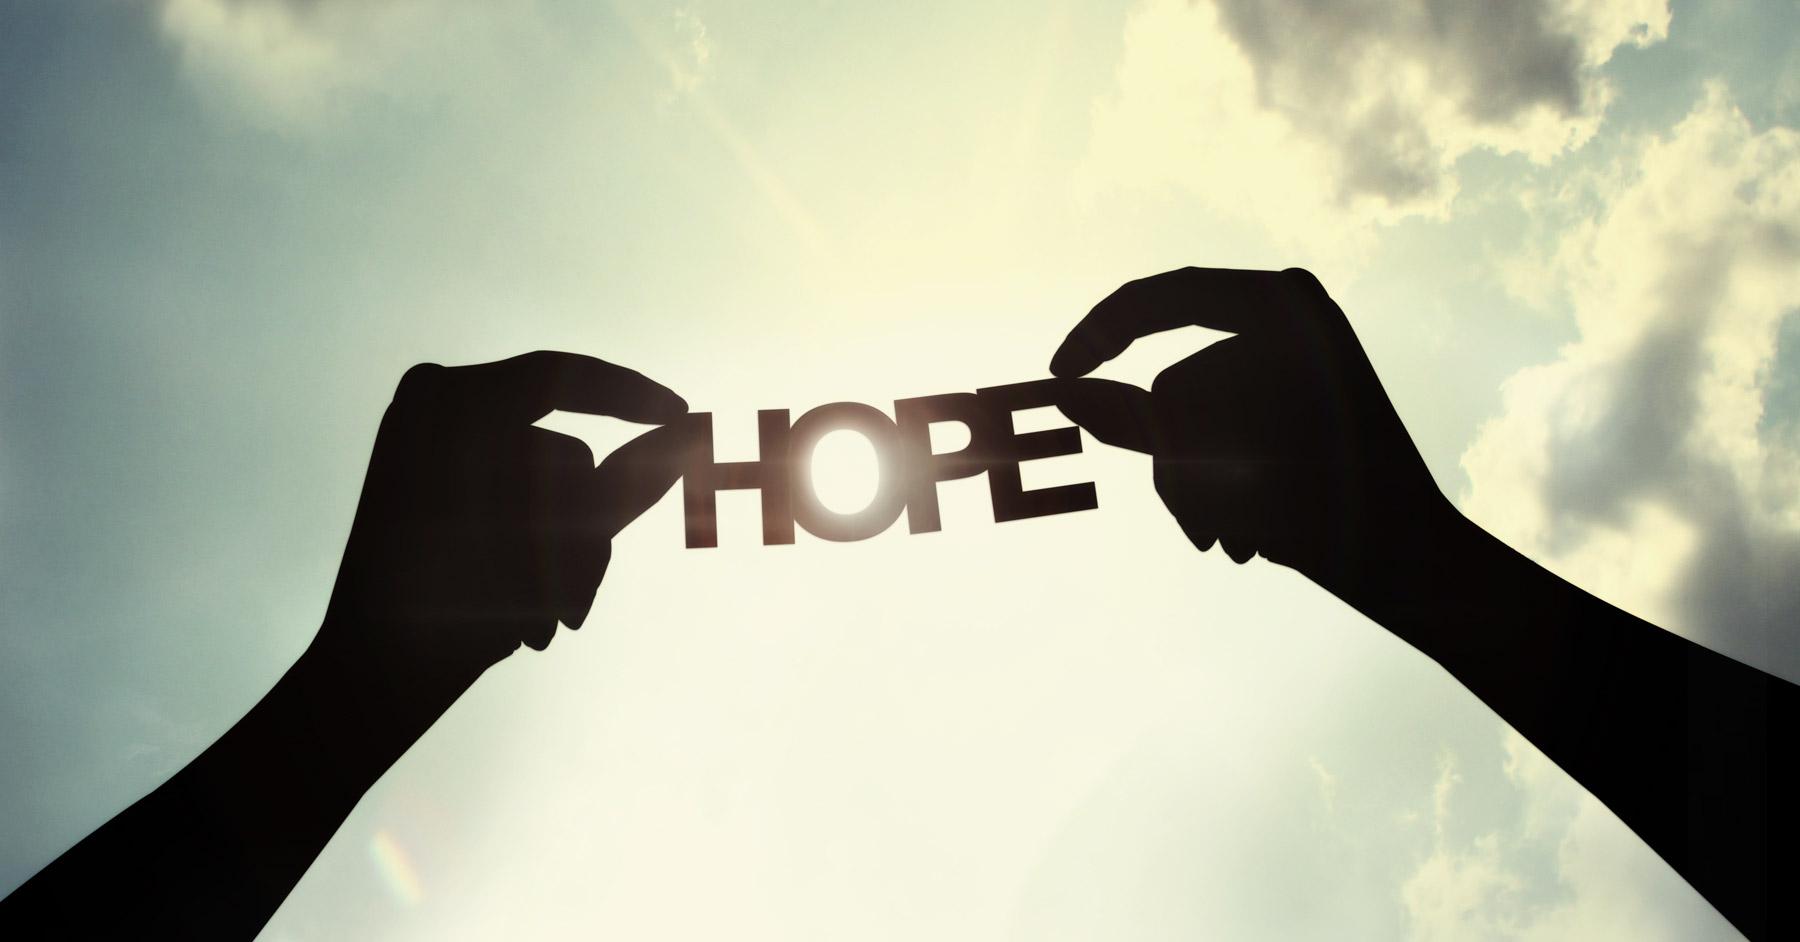 A Reasonable Hope?